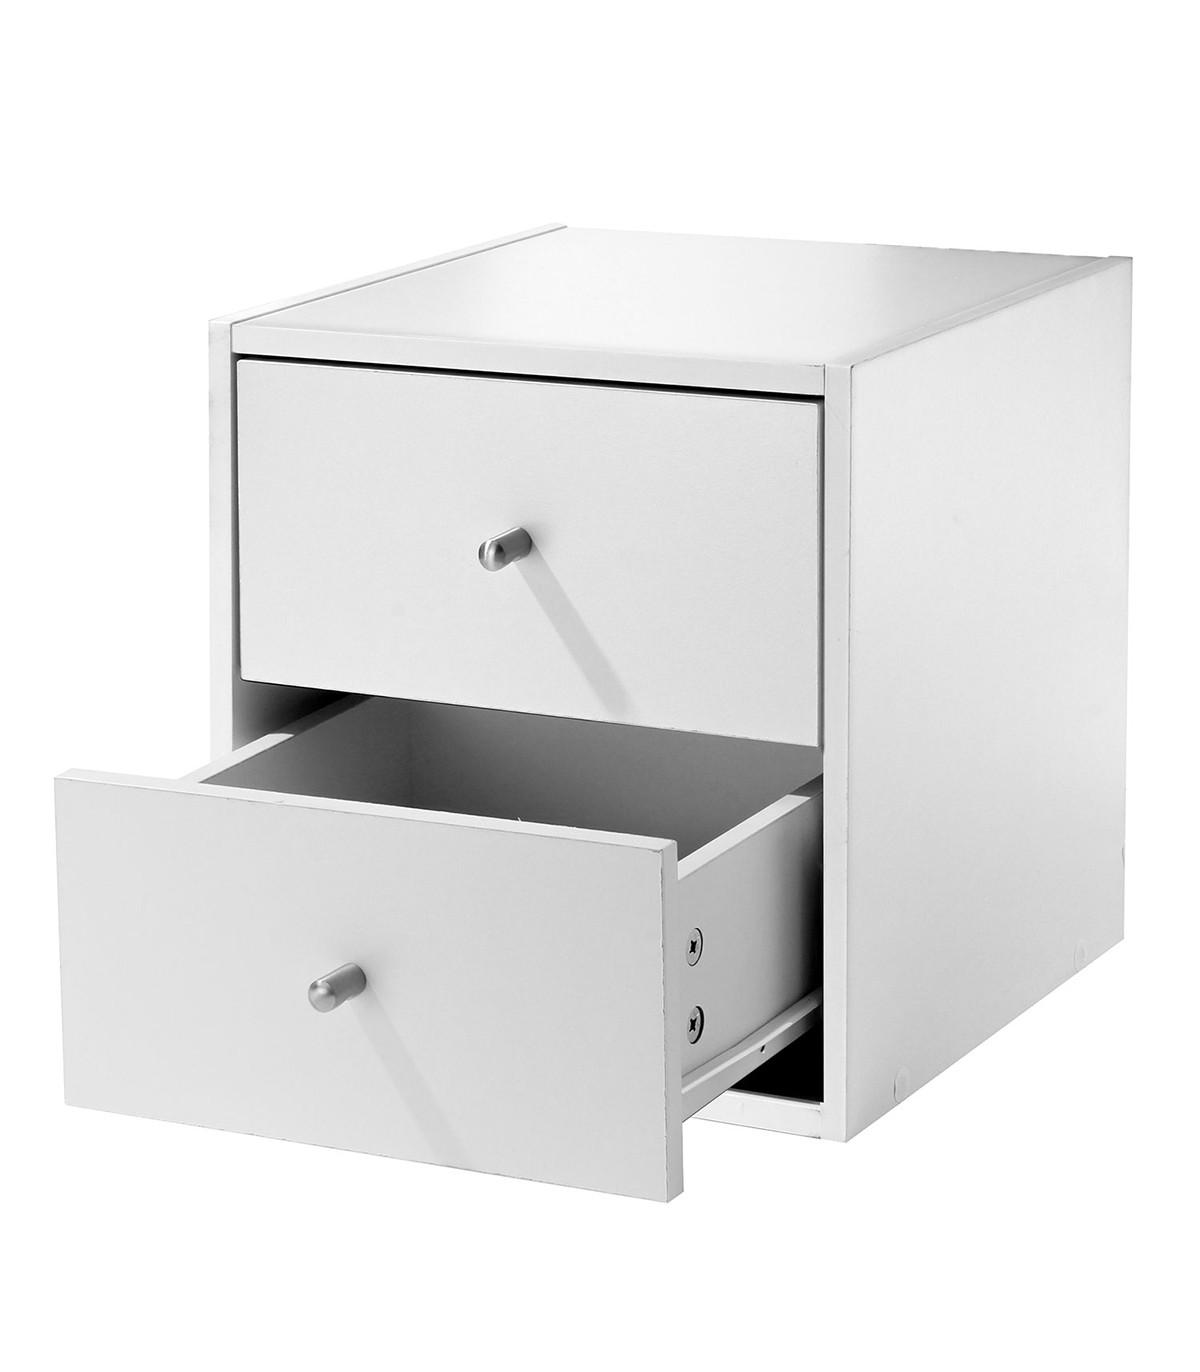 Meuble une case avec deux tiroirs - Blanc